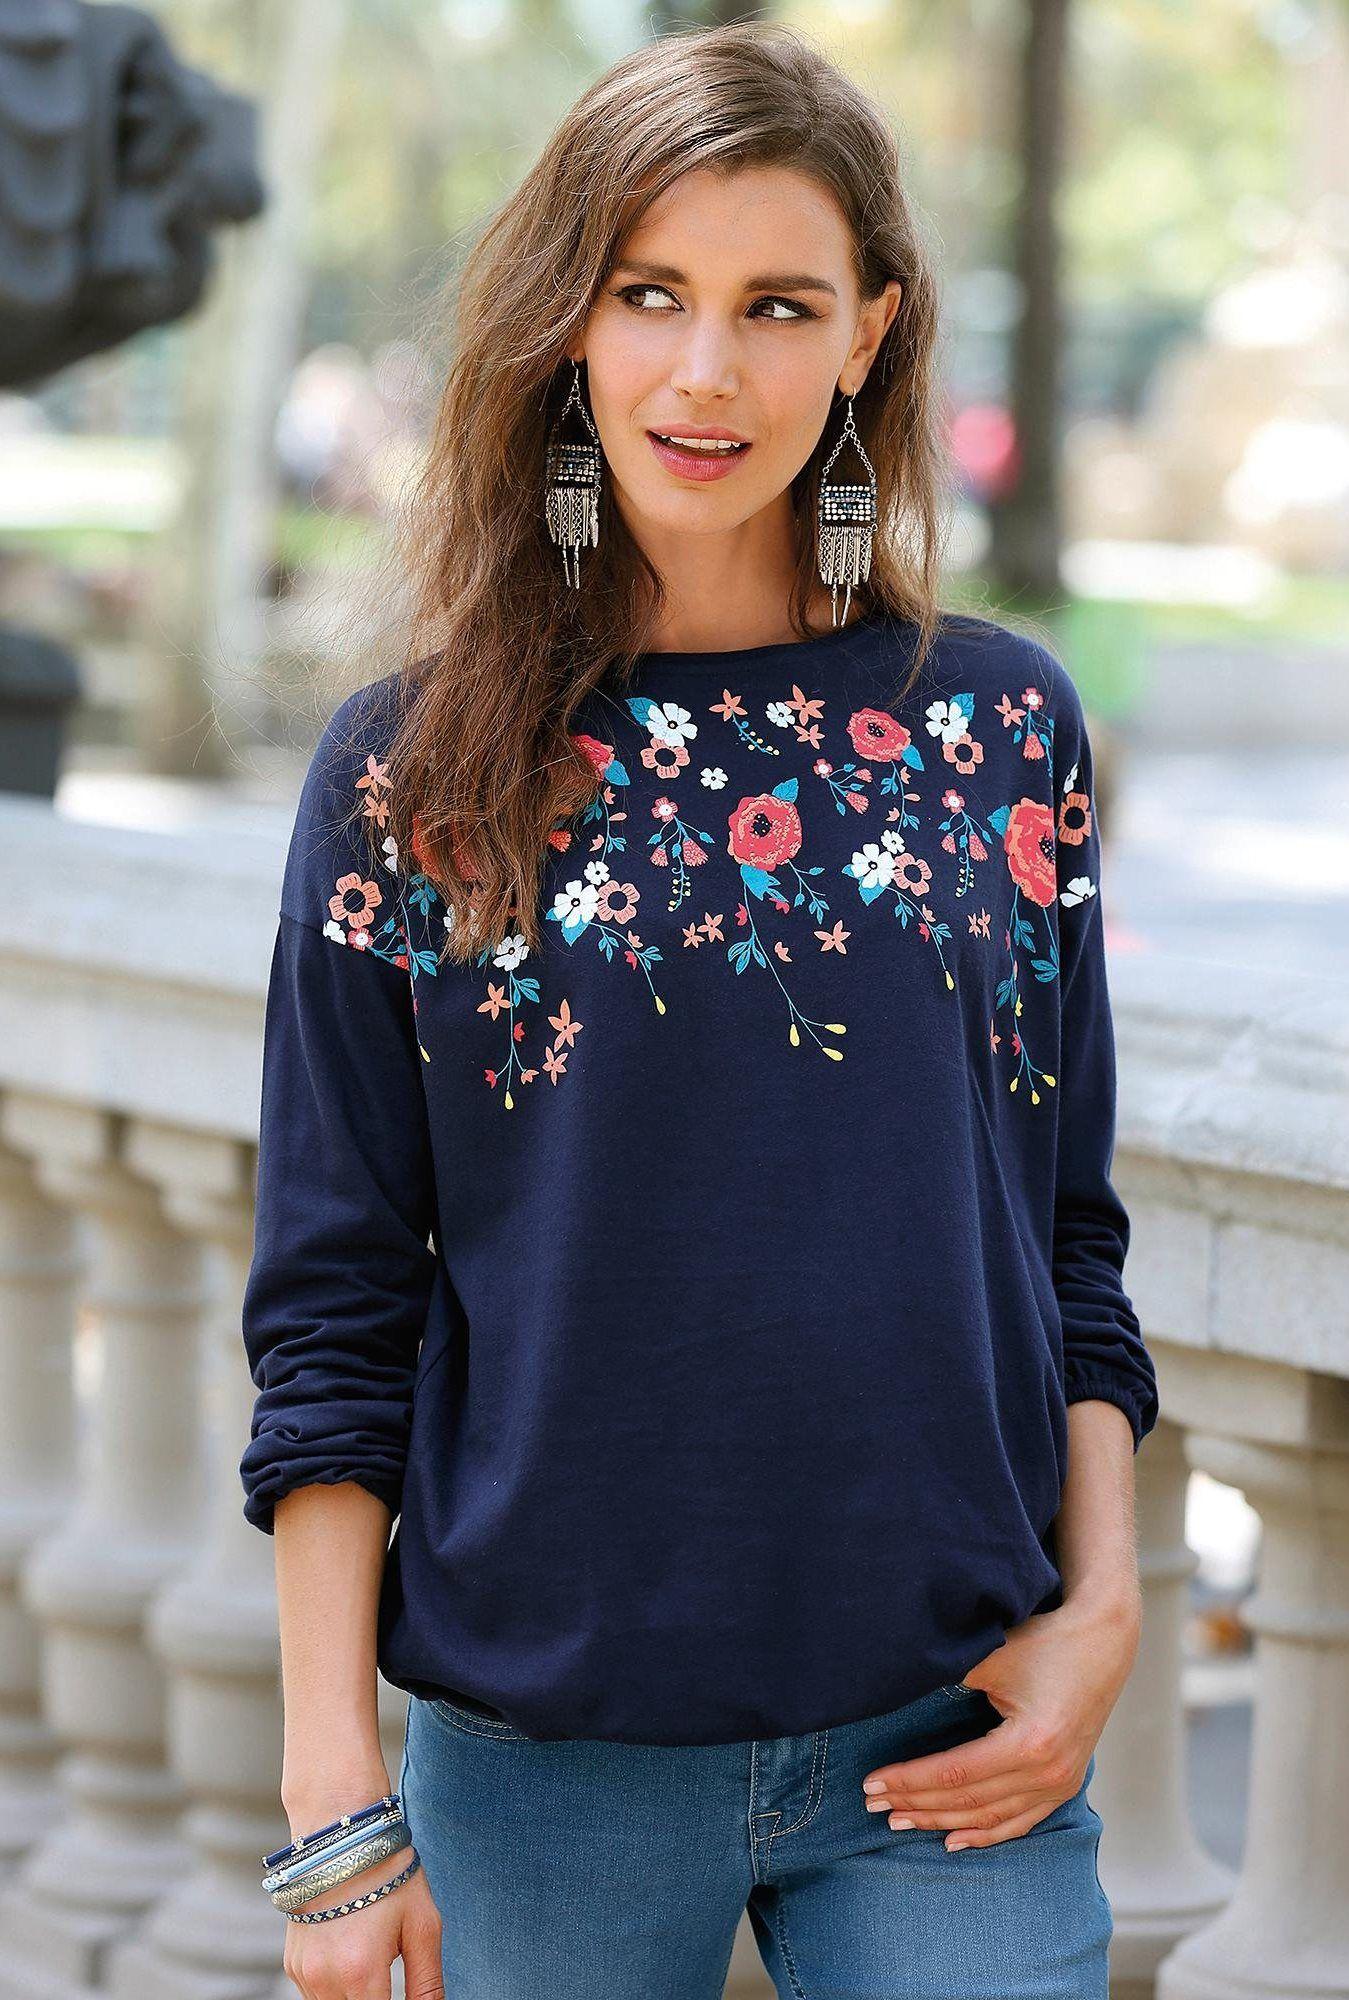 Tee-shirt avec fleurs manches longues femme Exclusivité 3SUISSES - Bleu  Marine 9a4ea4adb6ff